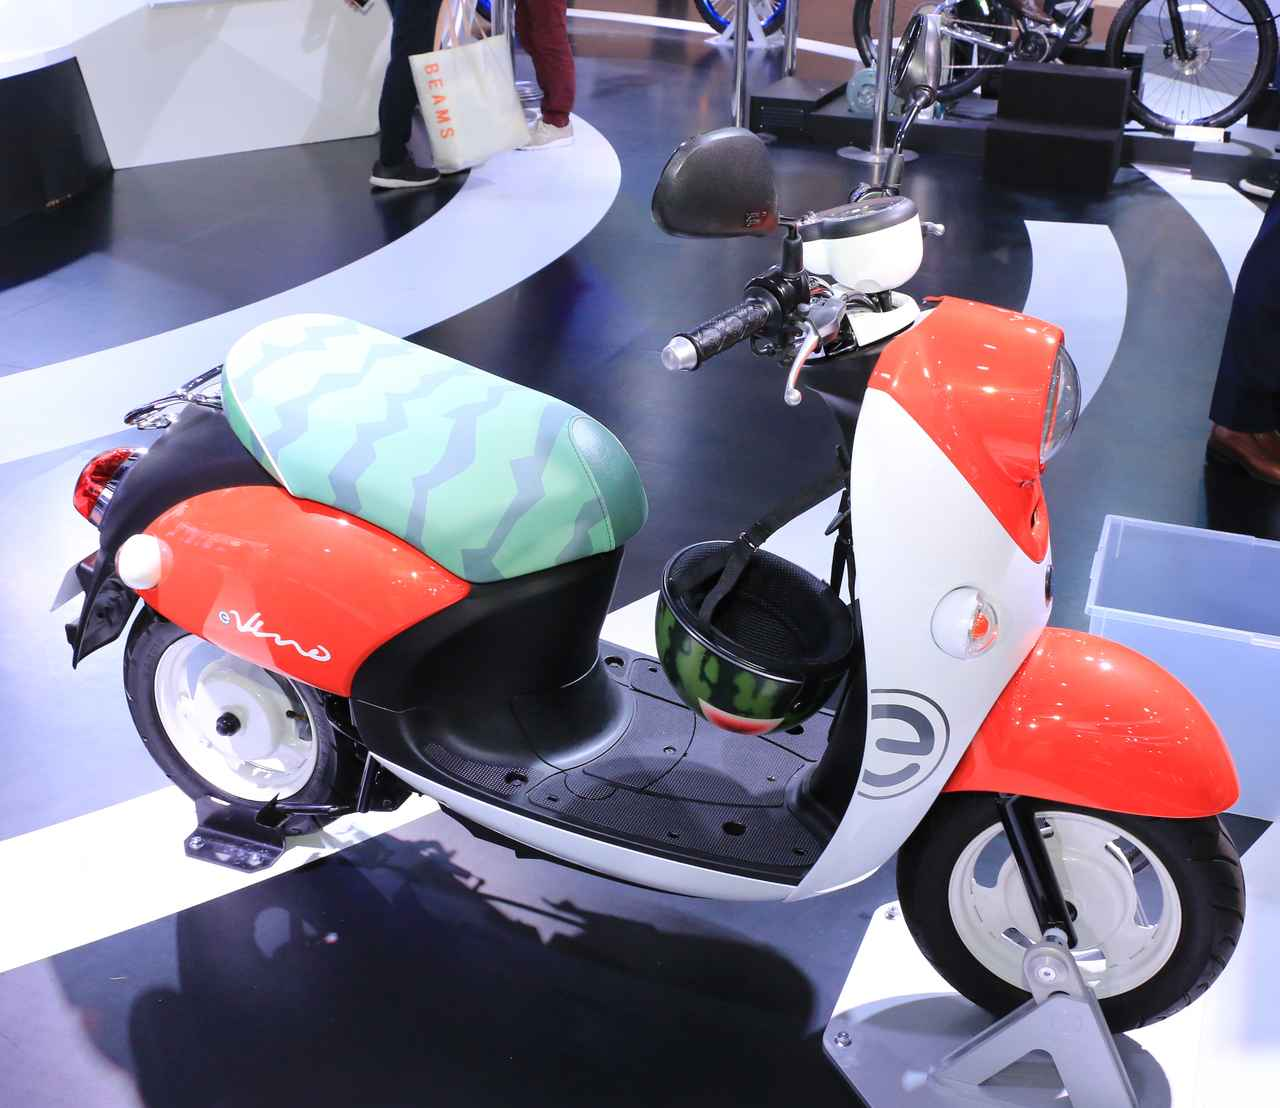 Images : 2番目の画像 - E-Vino(スイカ・カスタム)をもっと見る! - webオートバイ